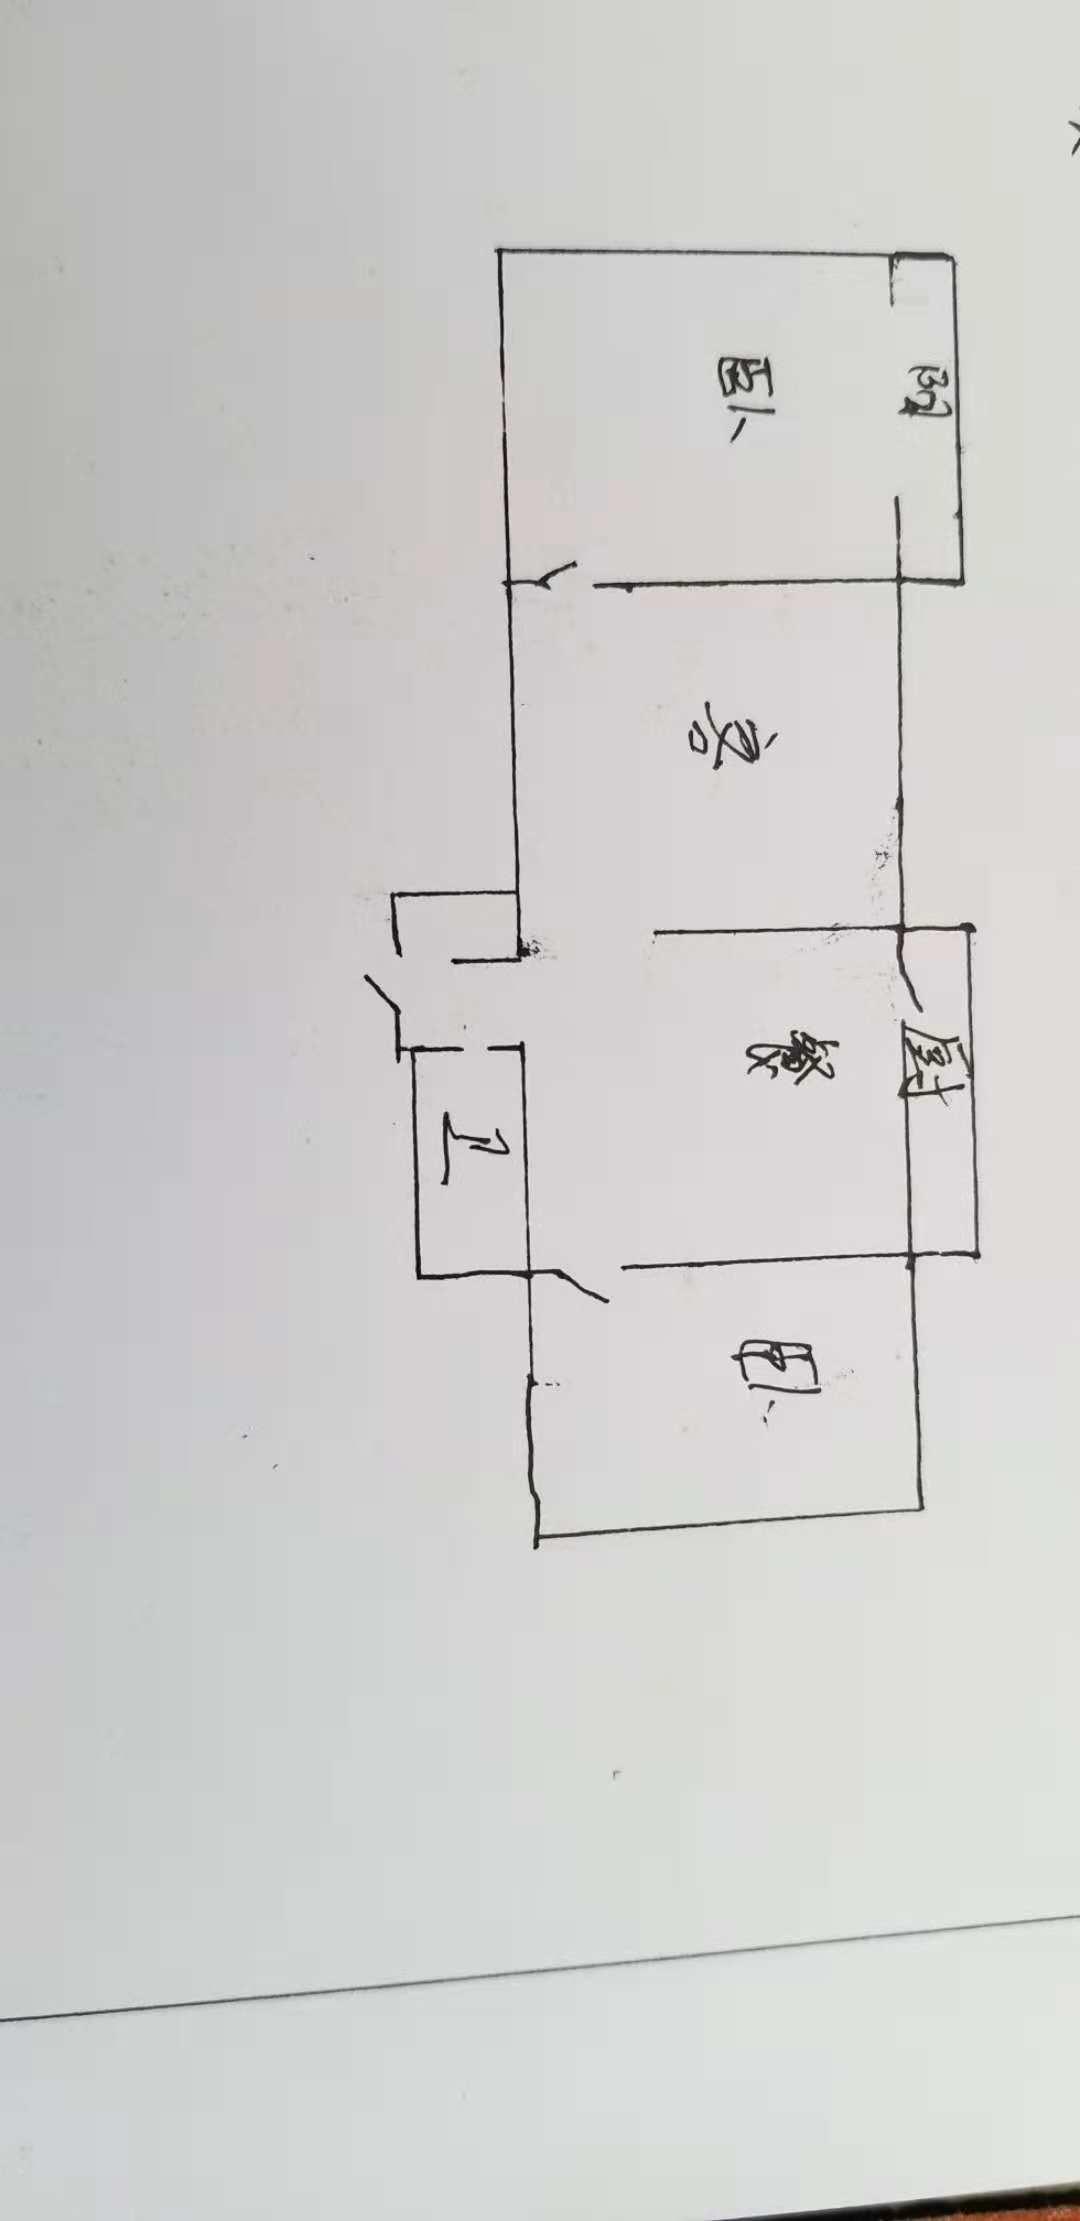 建兴小区南 2室2厅 6楼